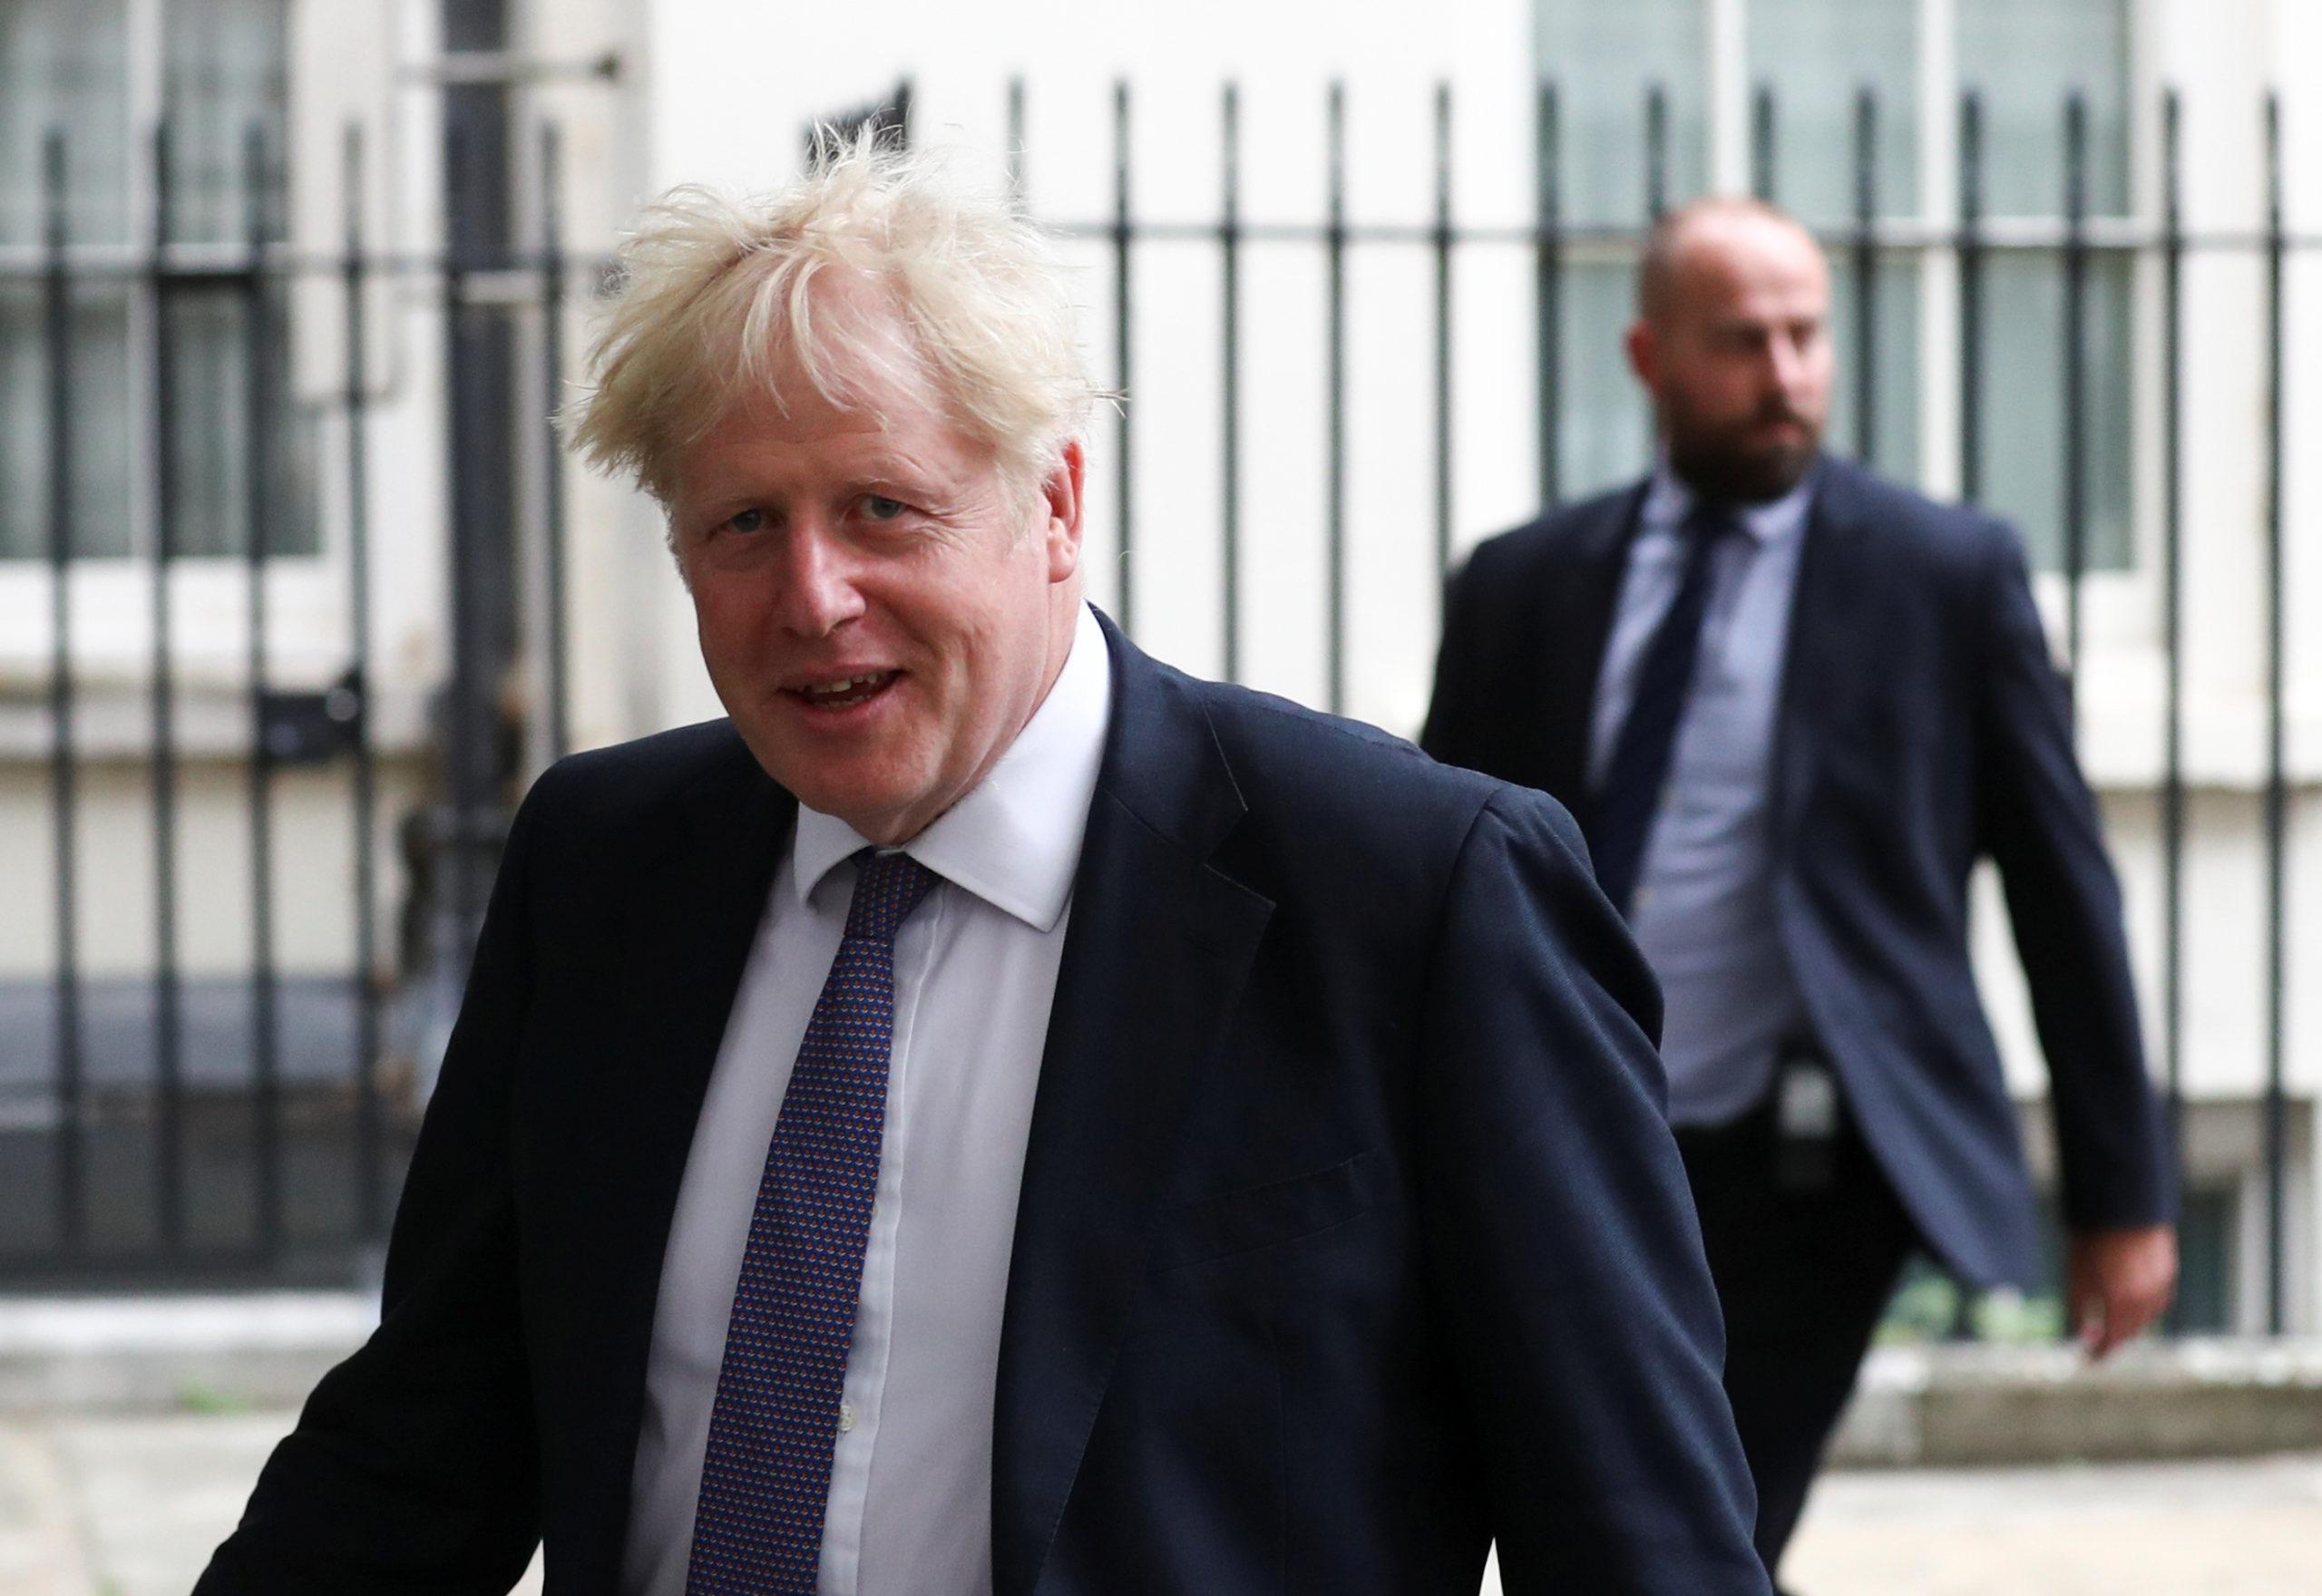 Londres veut s'affranchir partiellement de l'accord de sortie de l'UE